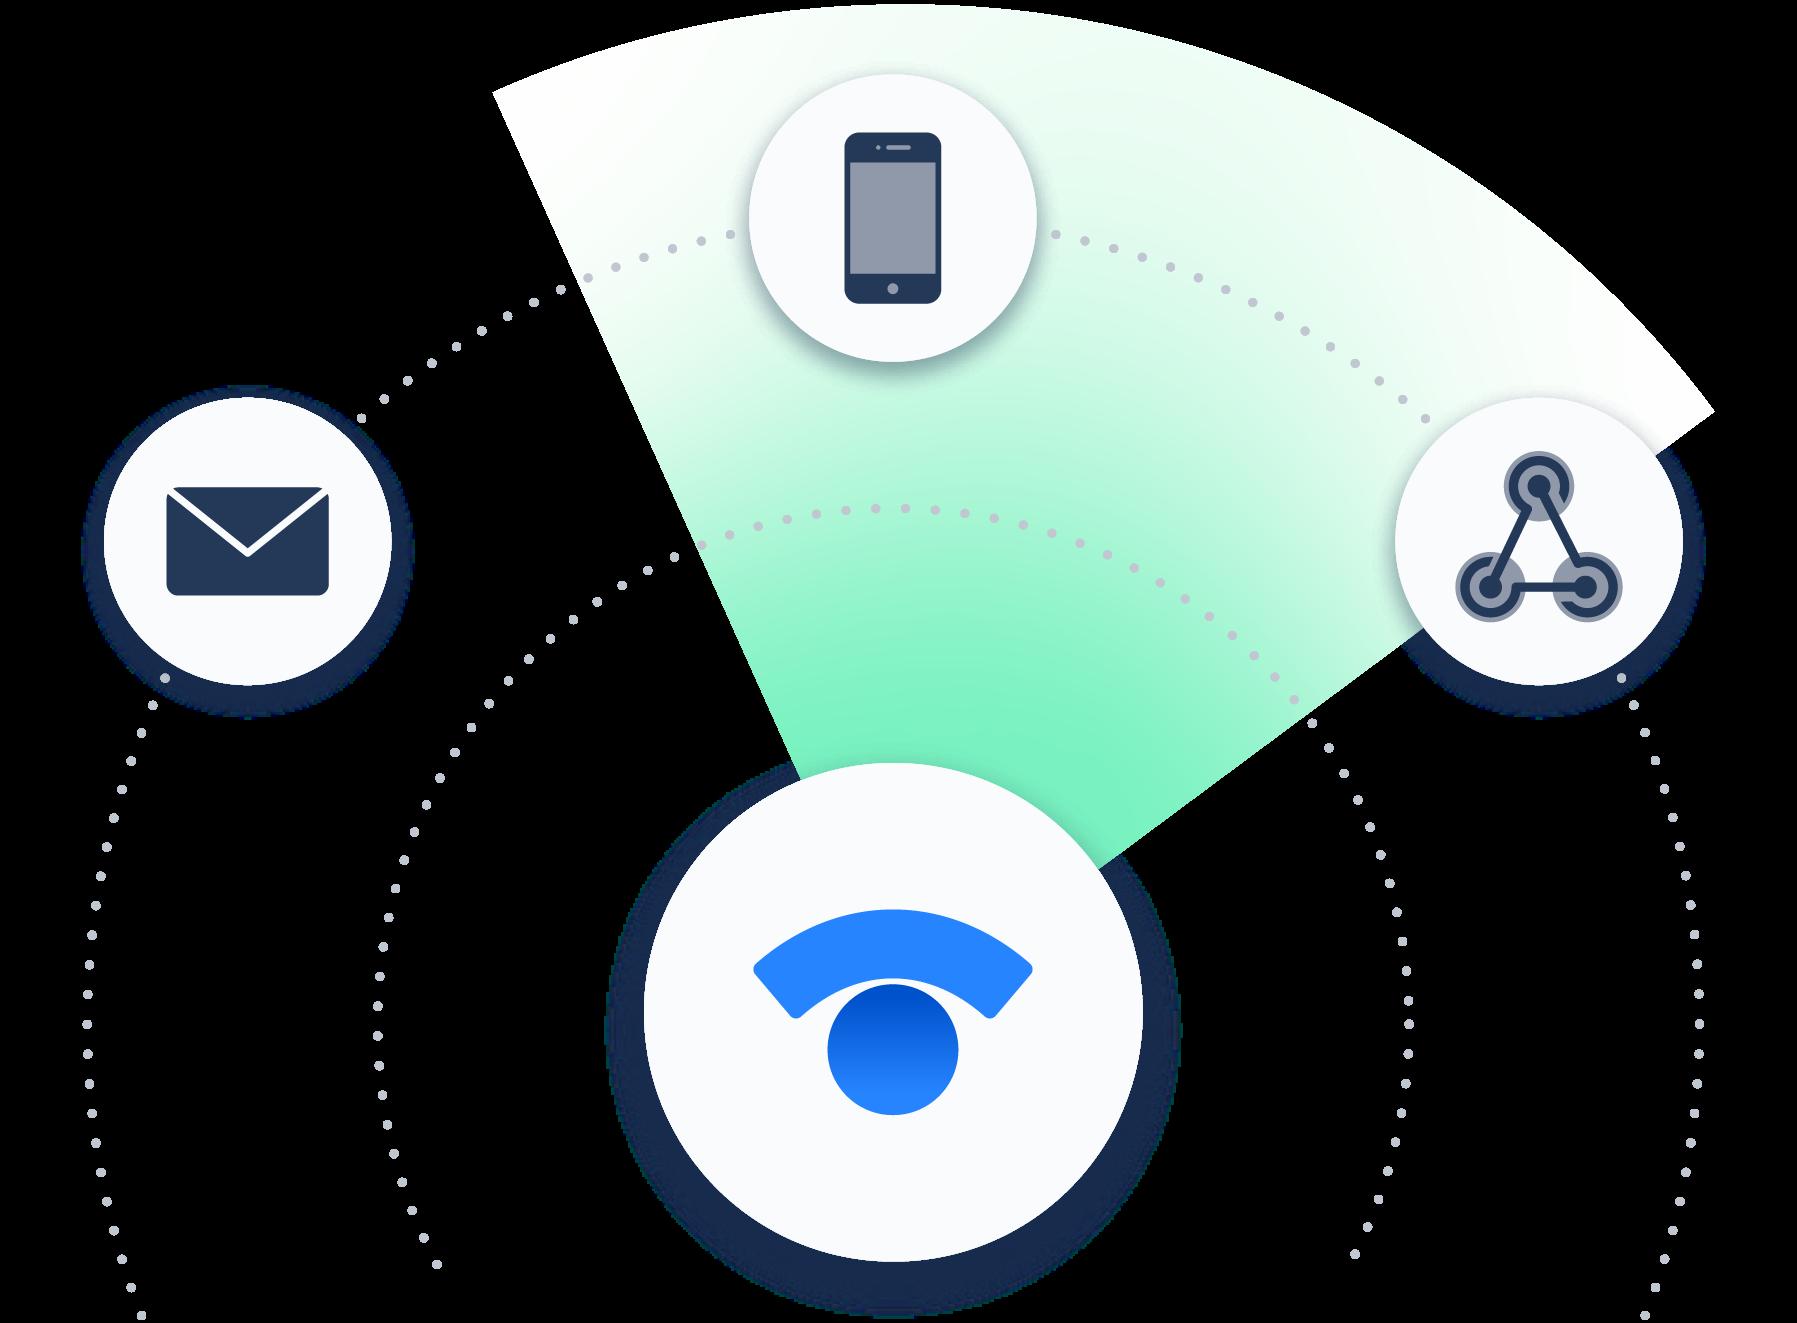 Ícone do Statuspage com ícones de comunicação (como e-mail e telefone) ao redor